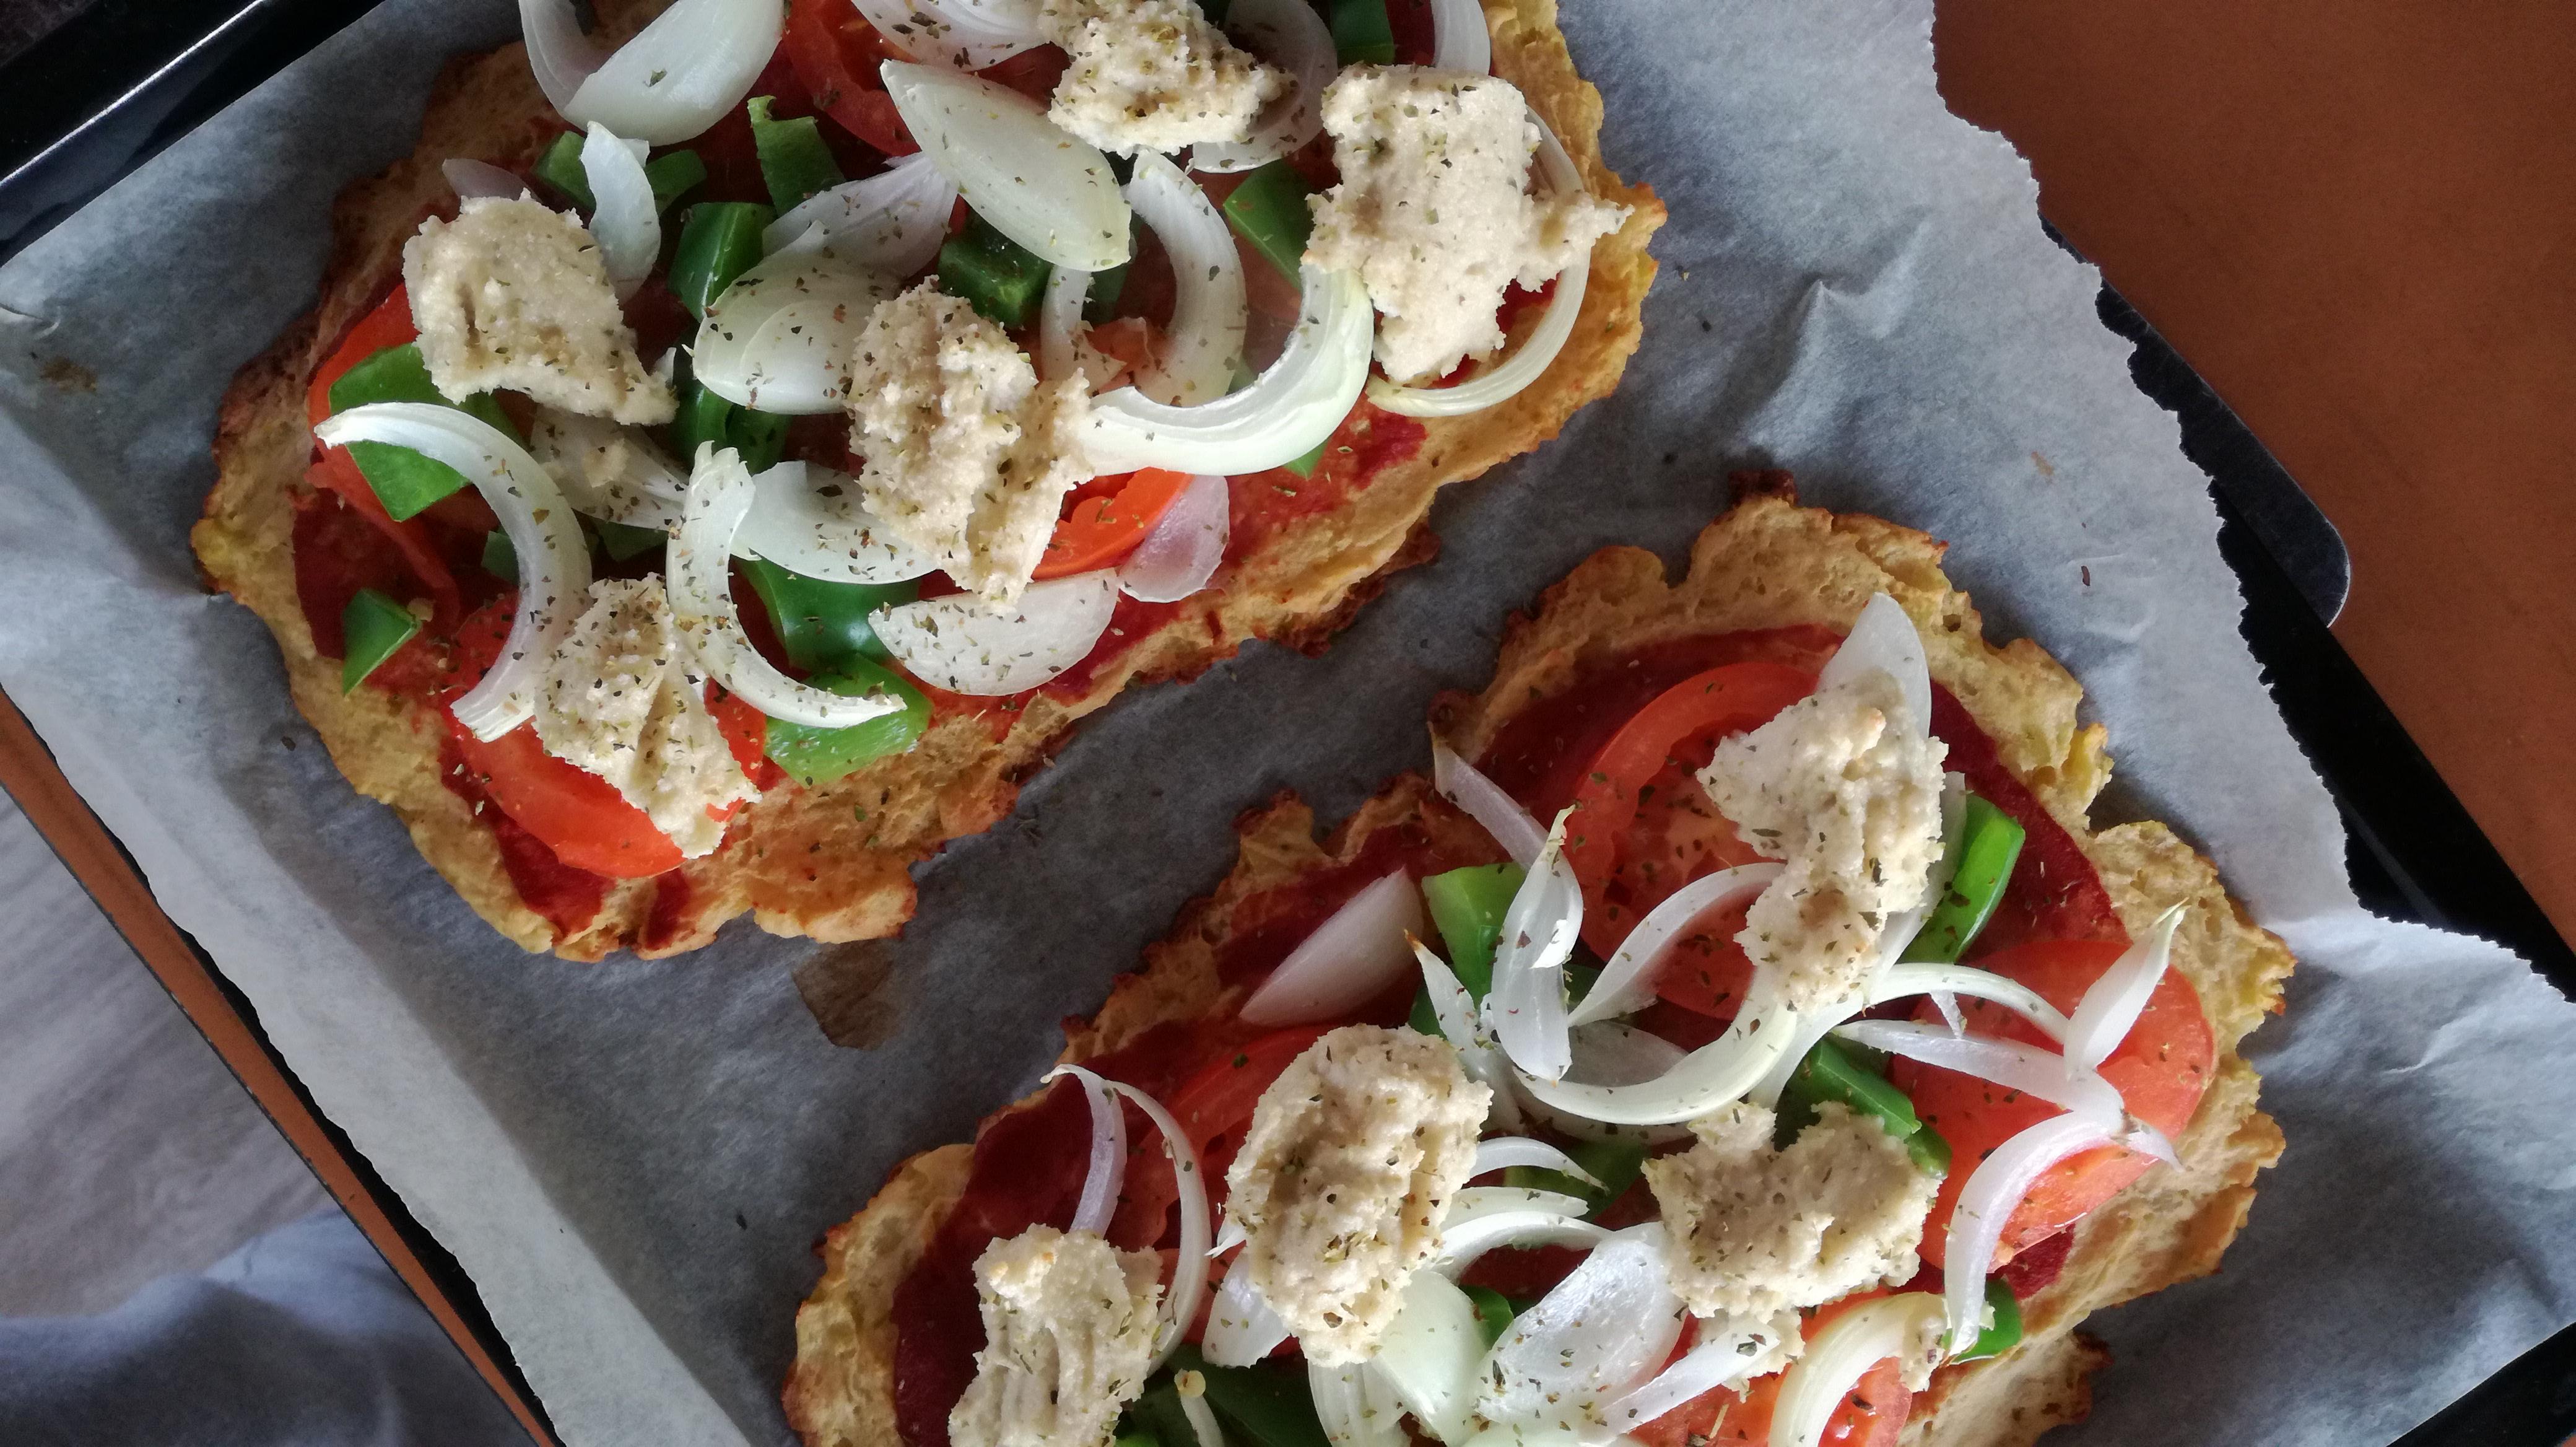 deux pizzas de pommes de terre sur feuille de cuisson vegan et sans gluten médical médium compatible